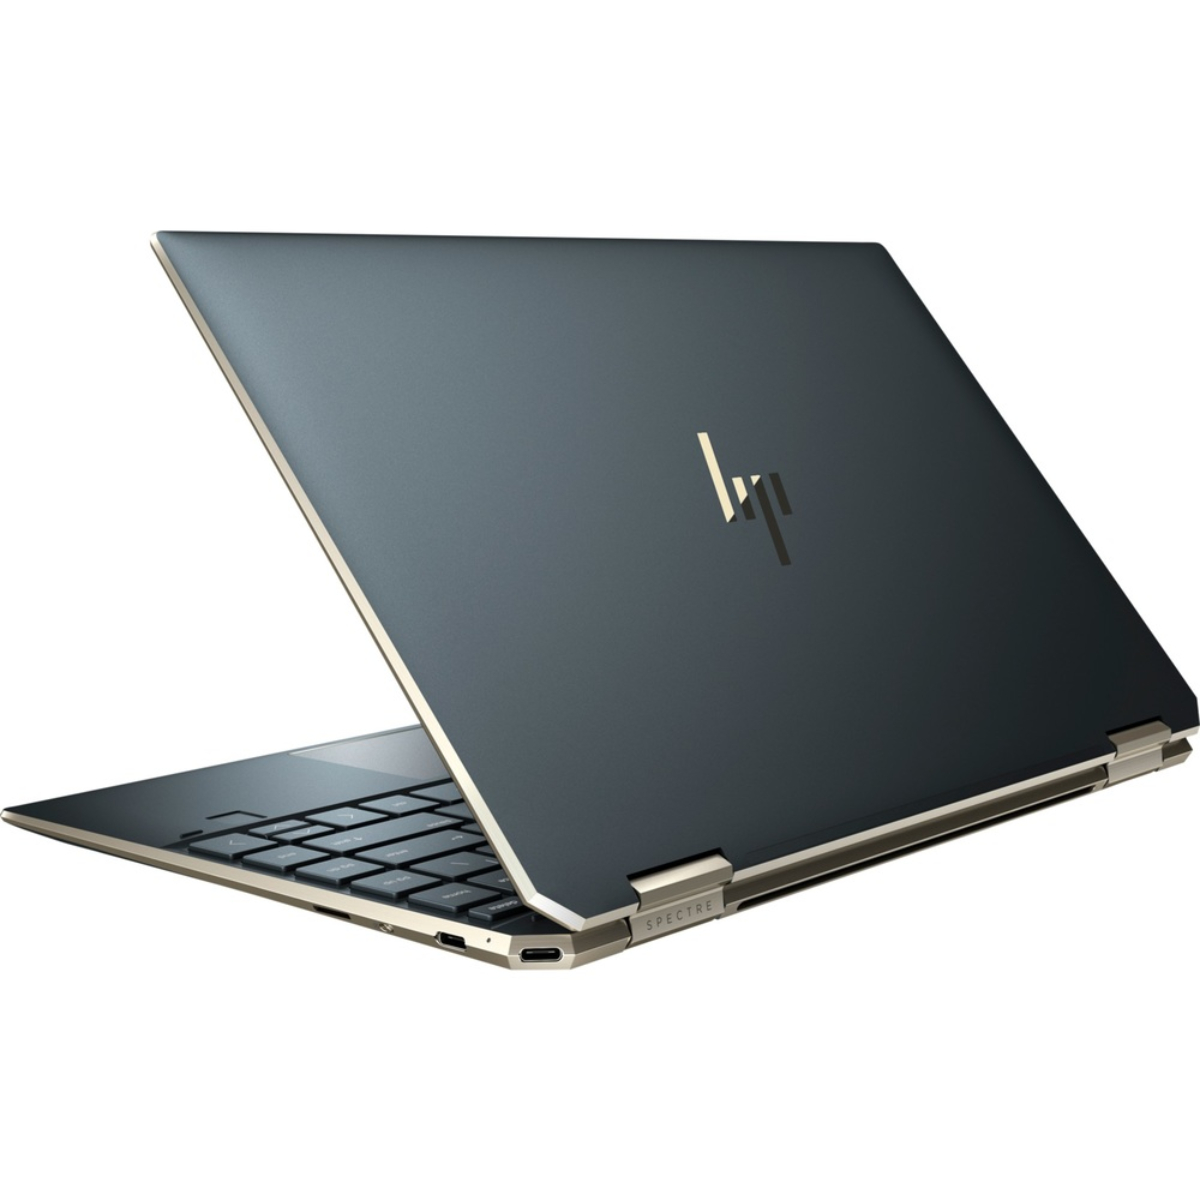 מחשב נייד HP Spectre x360 13-aw0008nj